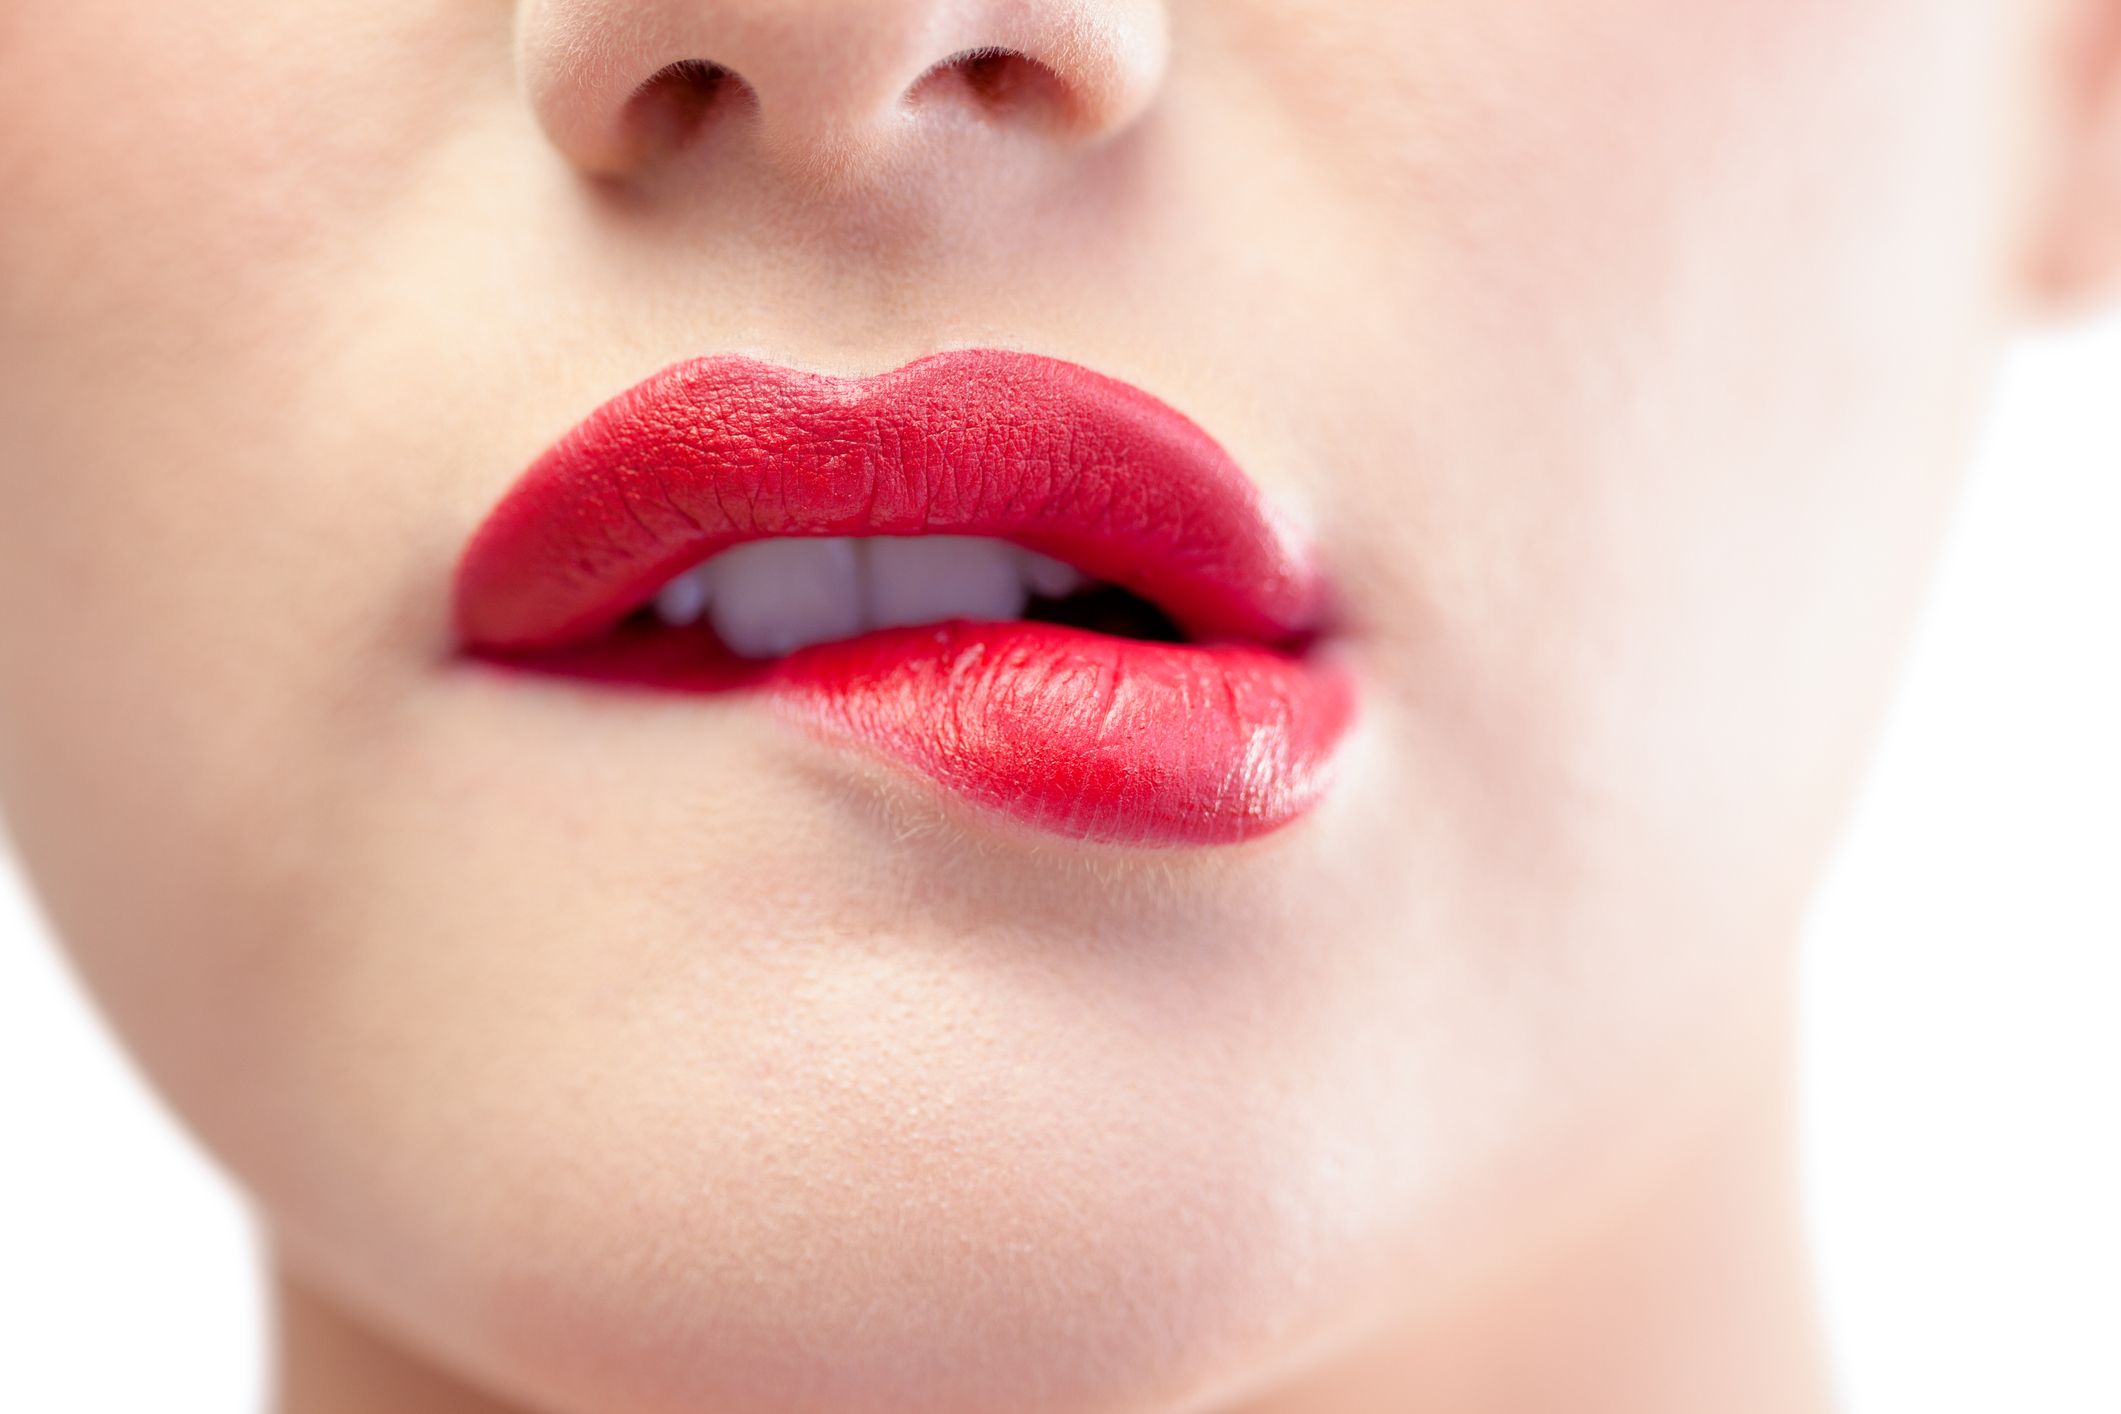 Картинки с губами поцелуями этих пределах